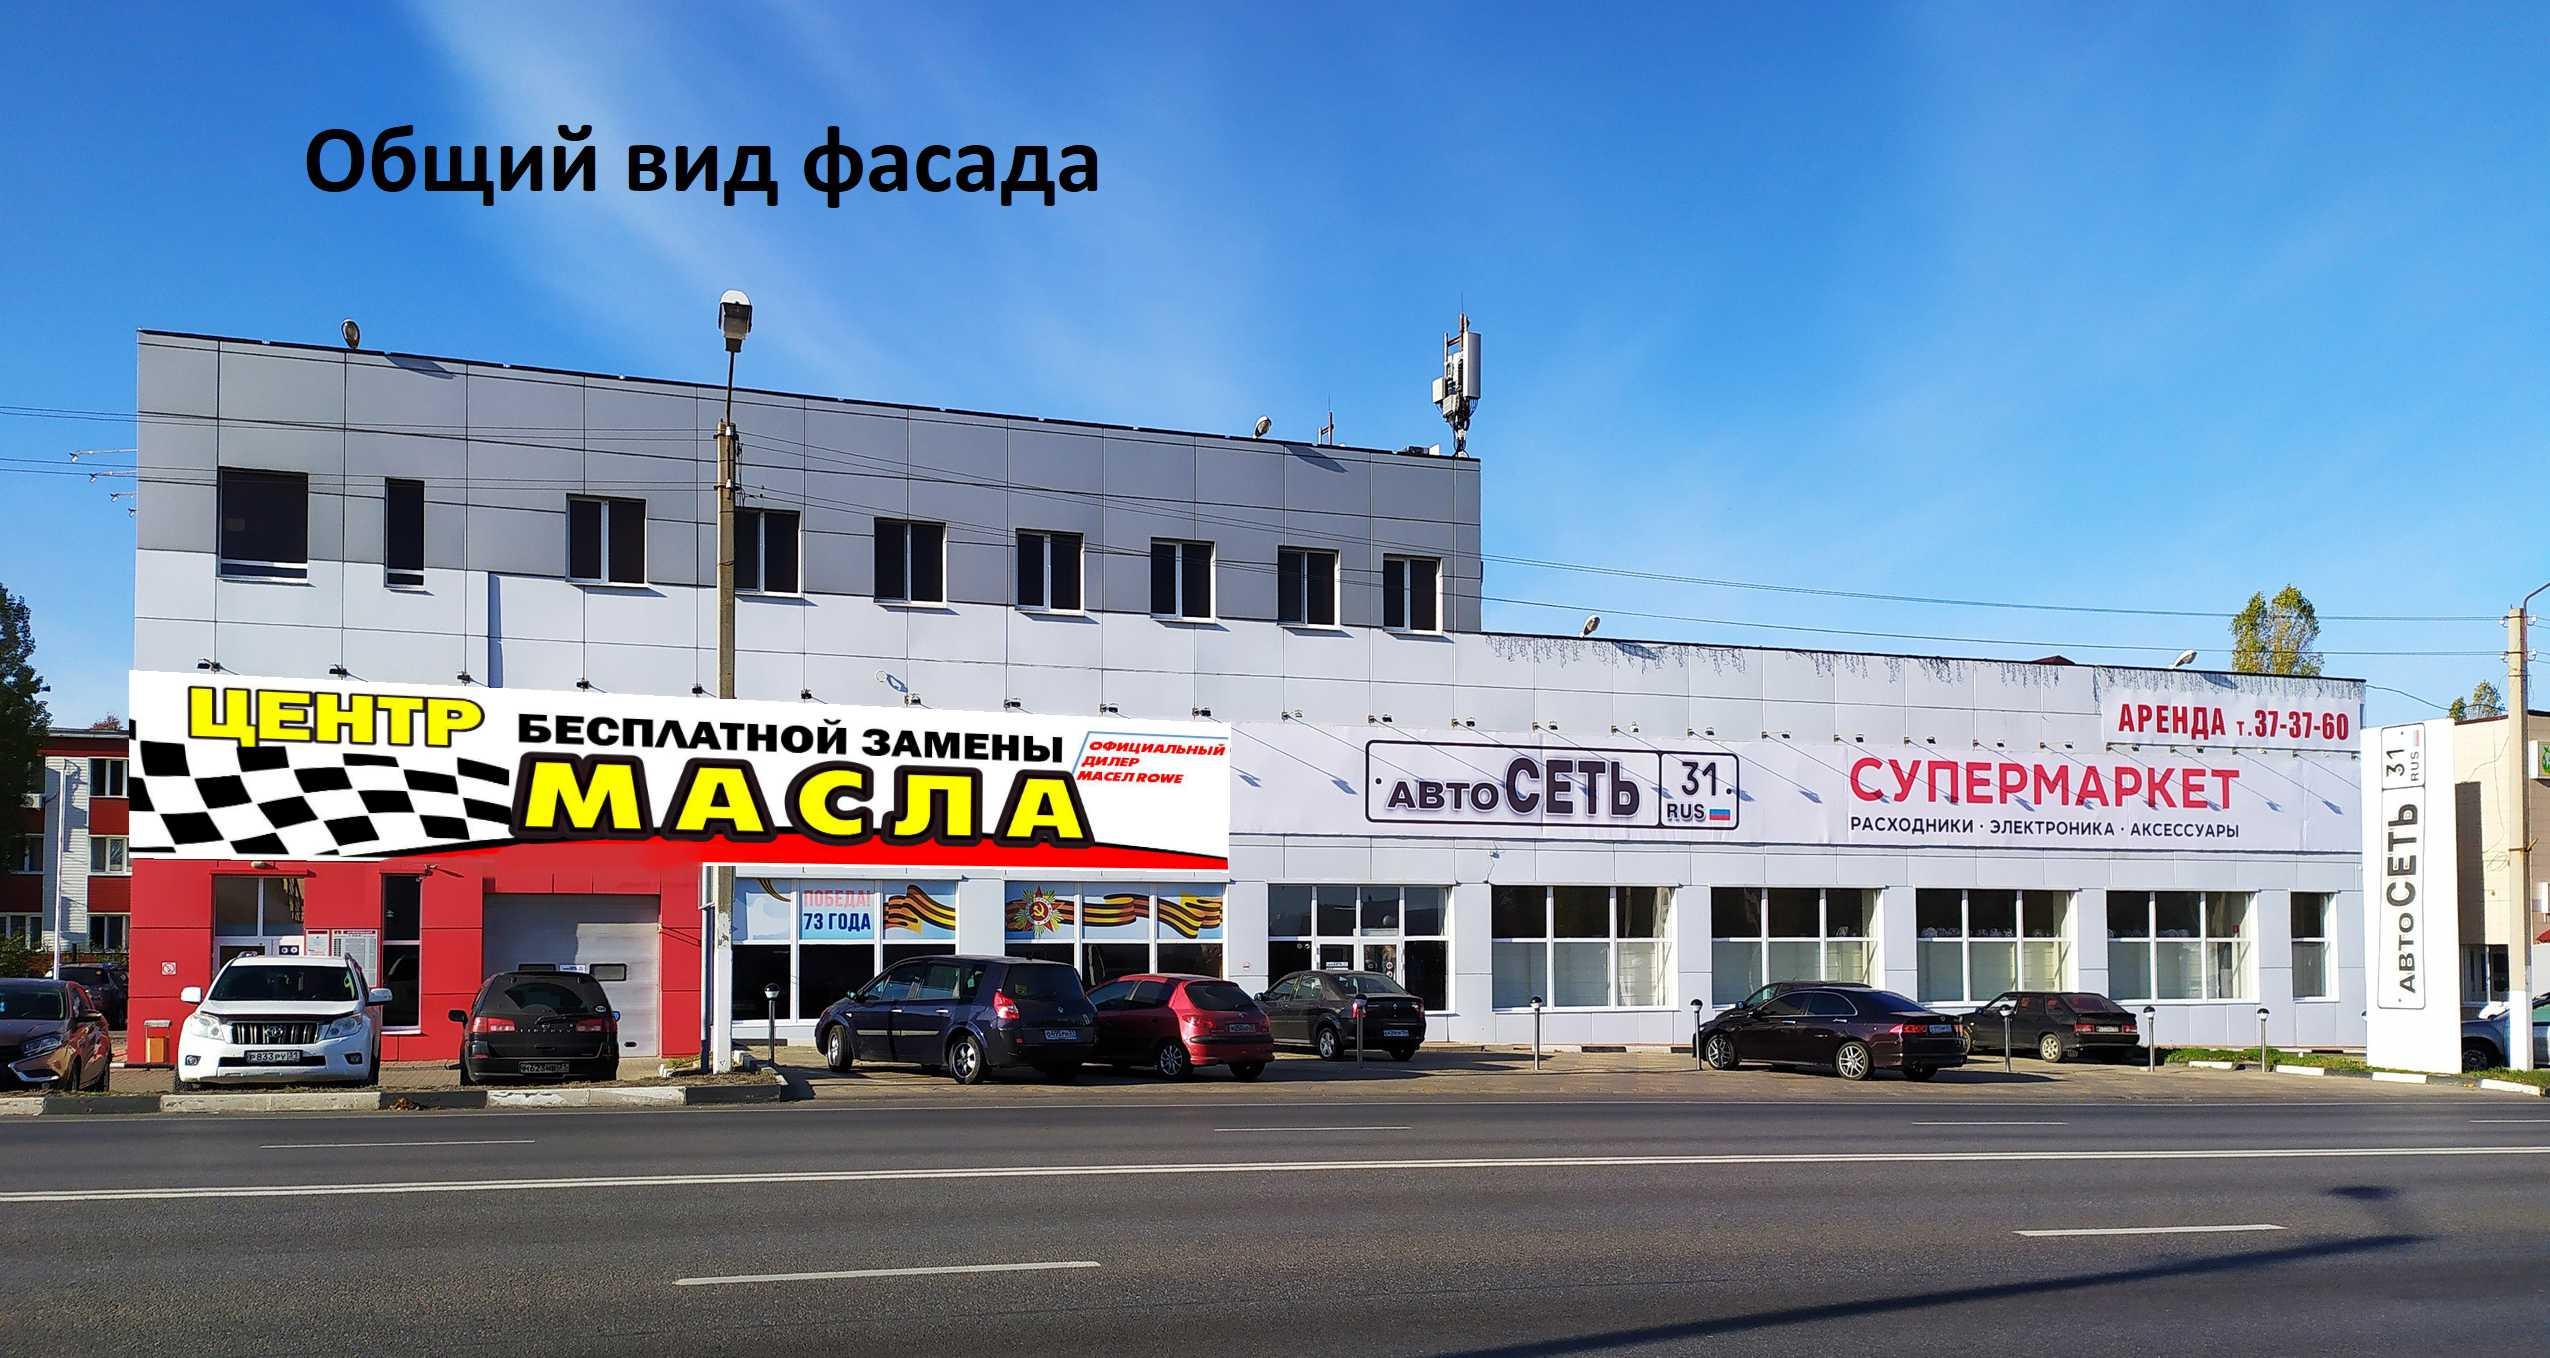 Оформление фасада автосервиса фото f_9345e419bf1f3f39.jpg